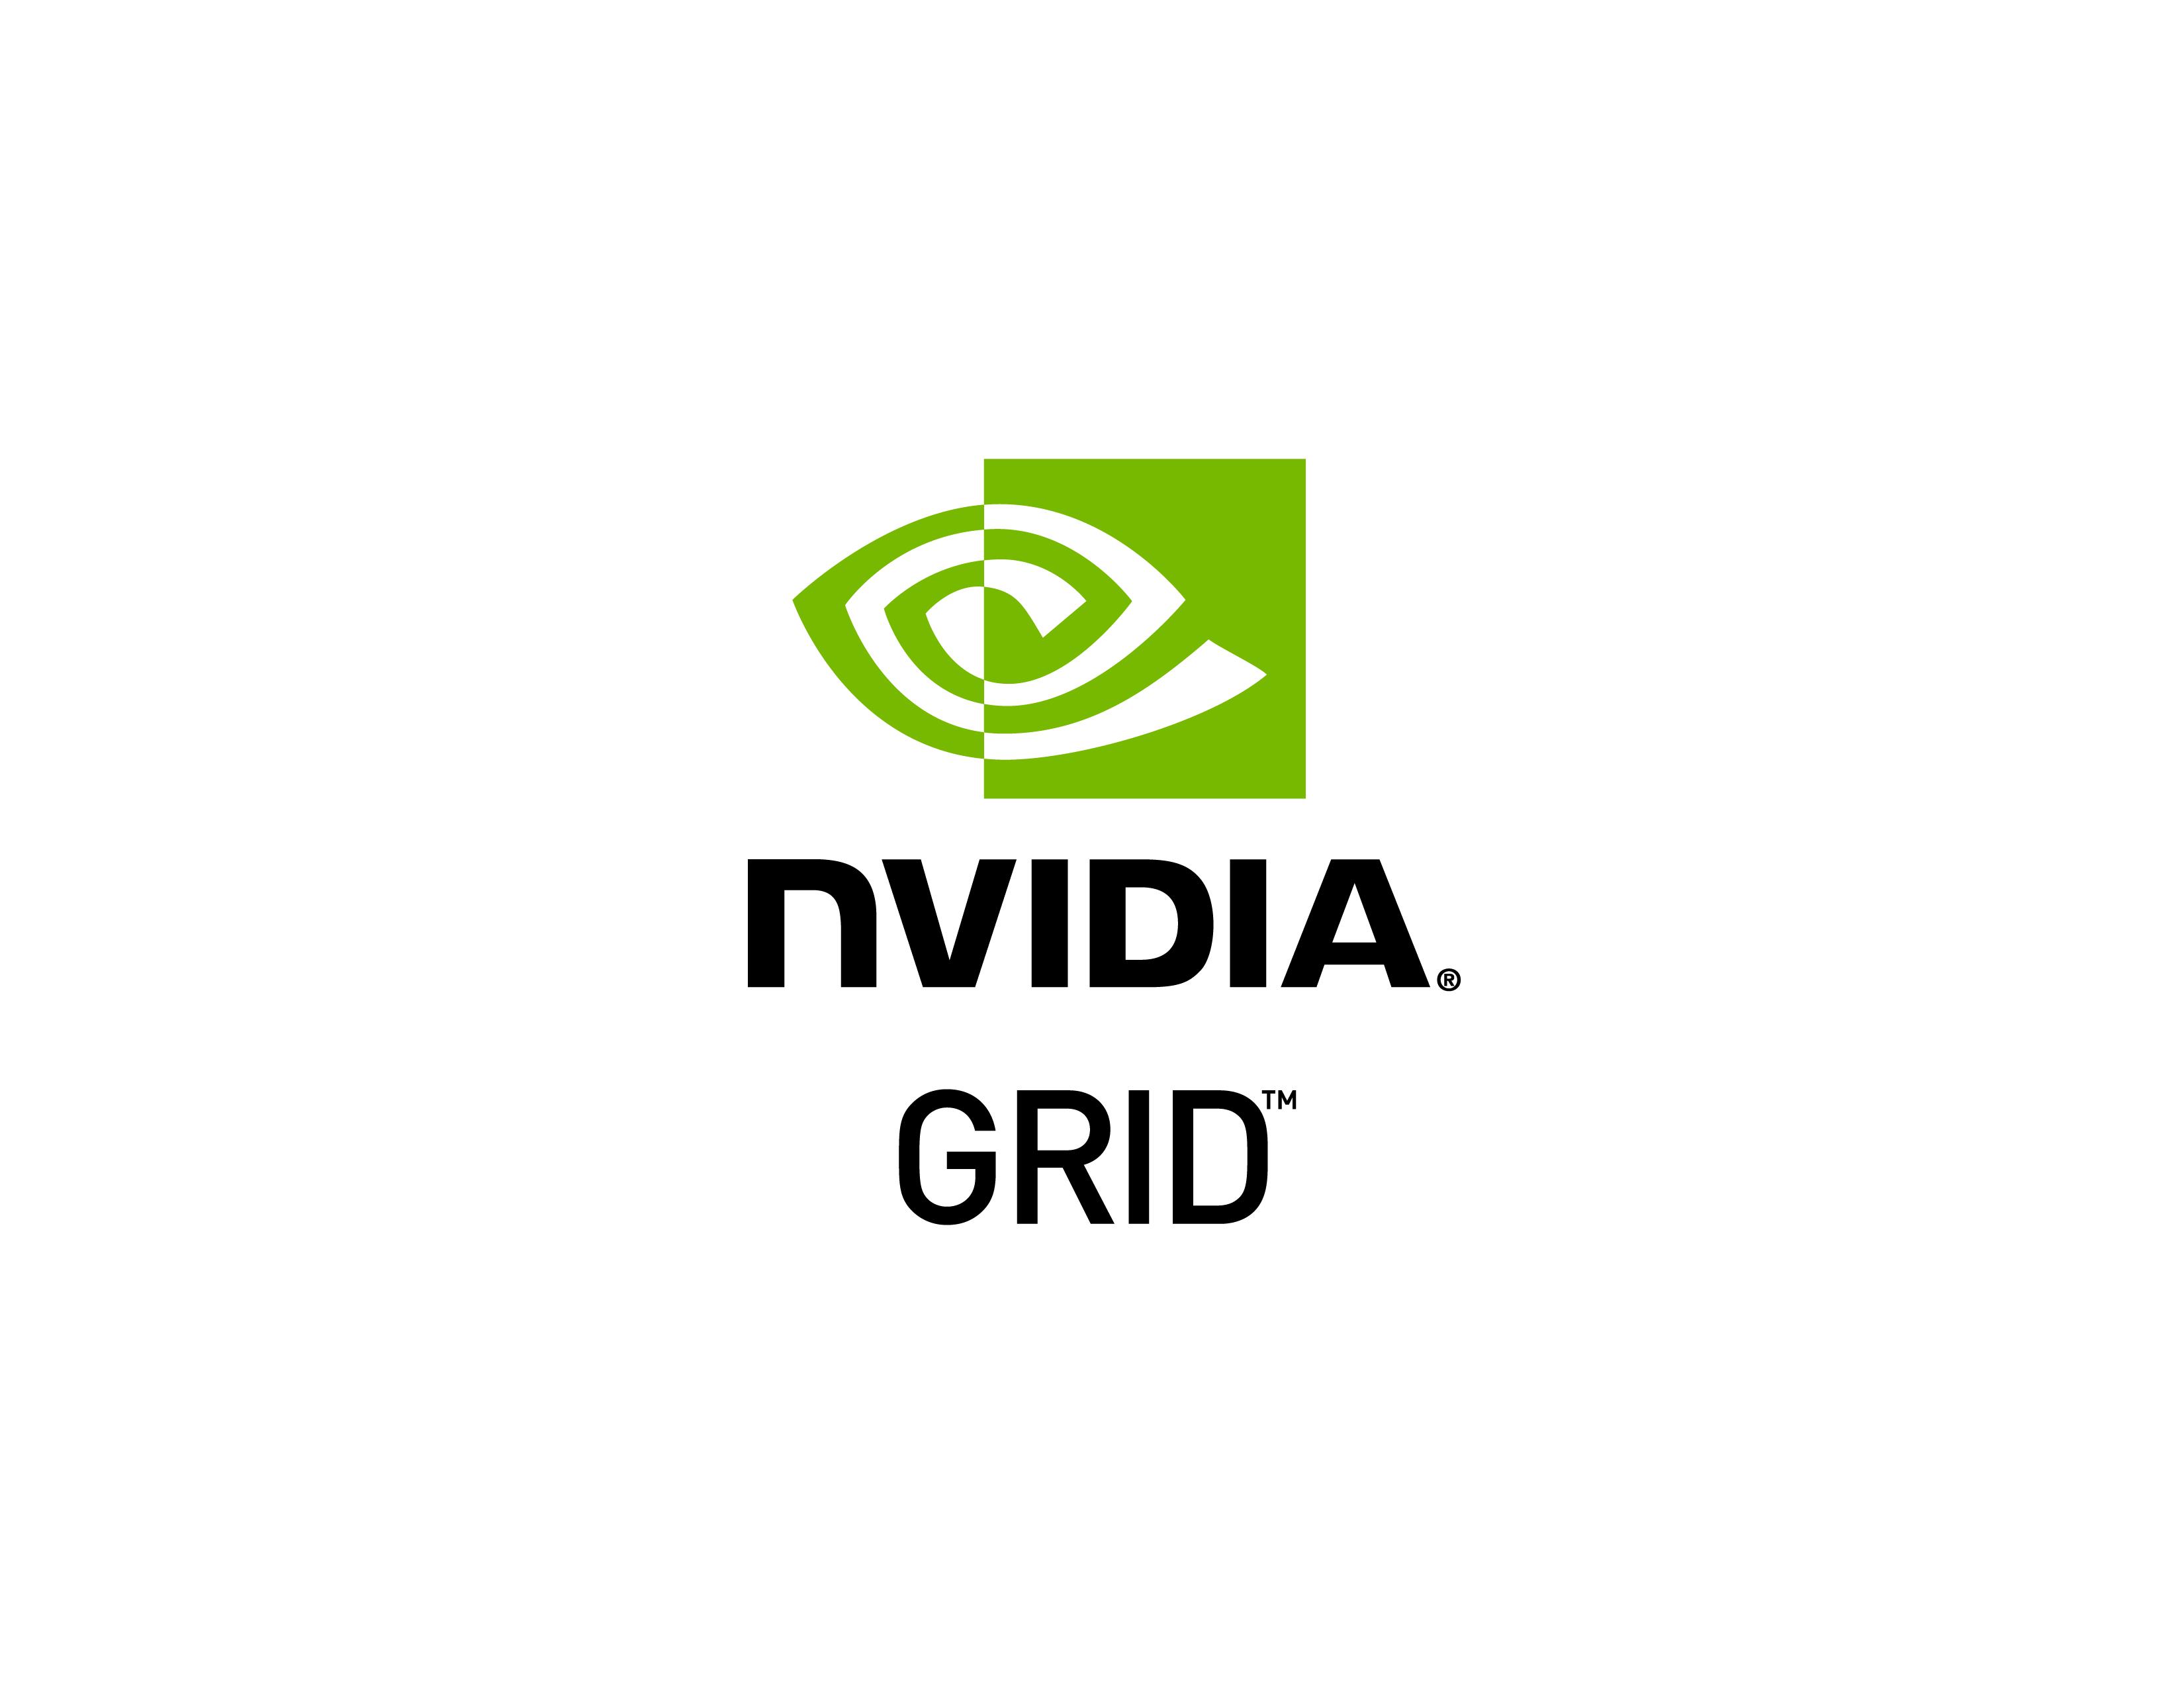 NVIDIA_GRID_V_2C_RGB